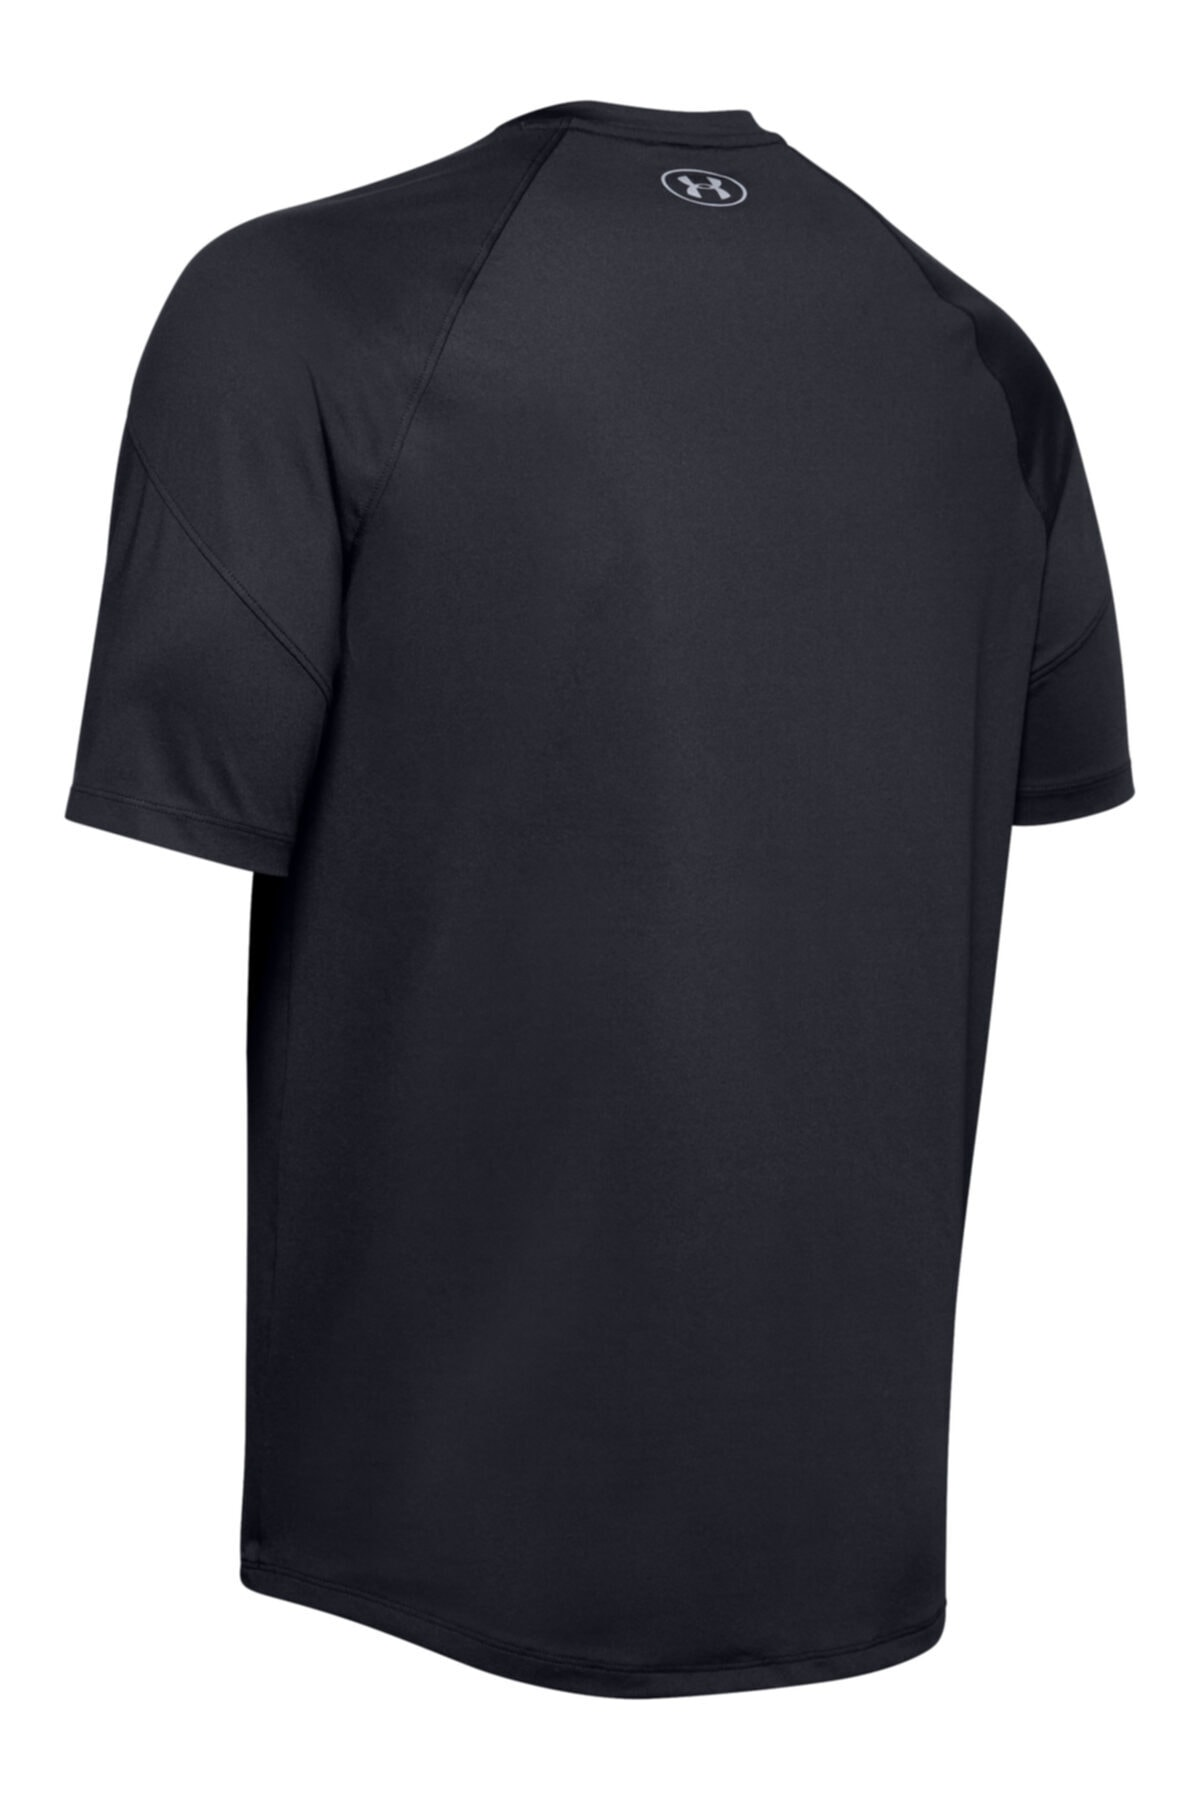 Under Armour Erkek Spor T-Shirt - Recover Ss - 1351569-001 2